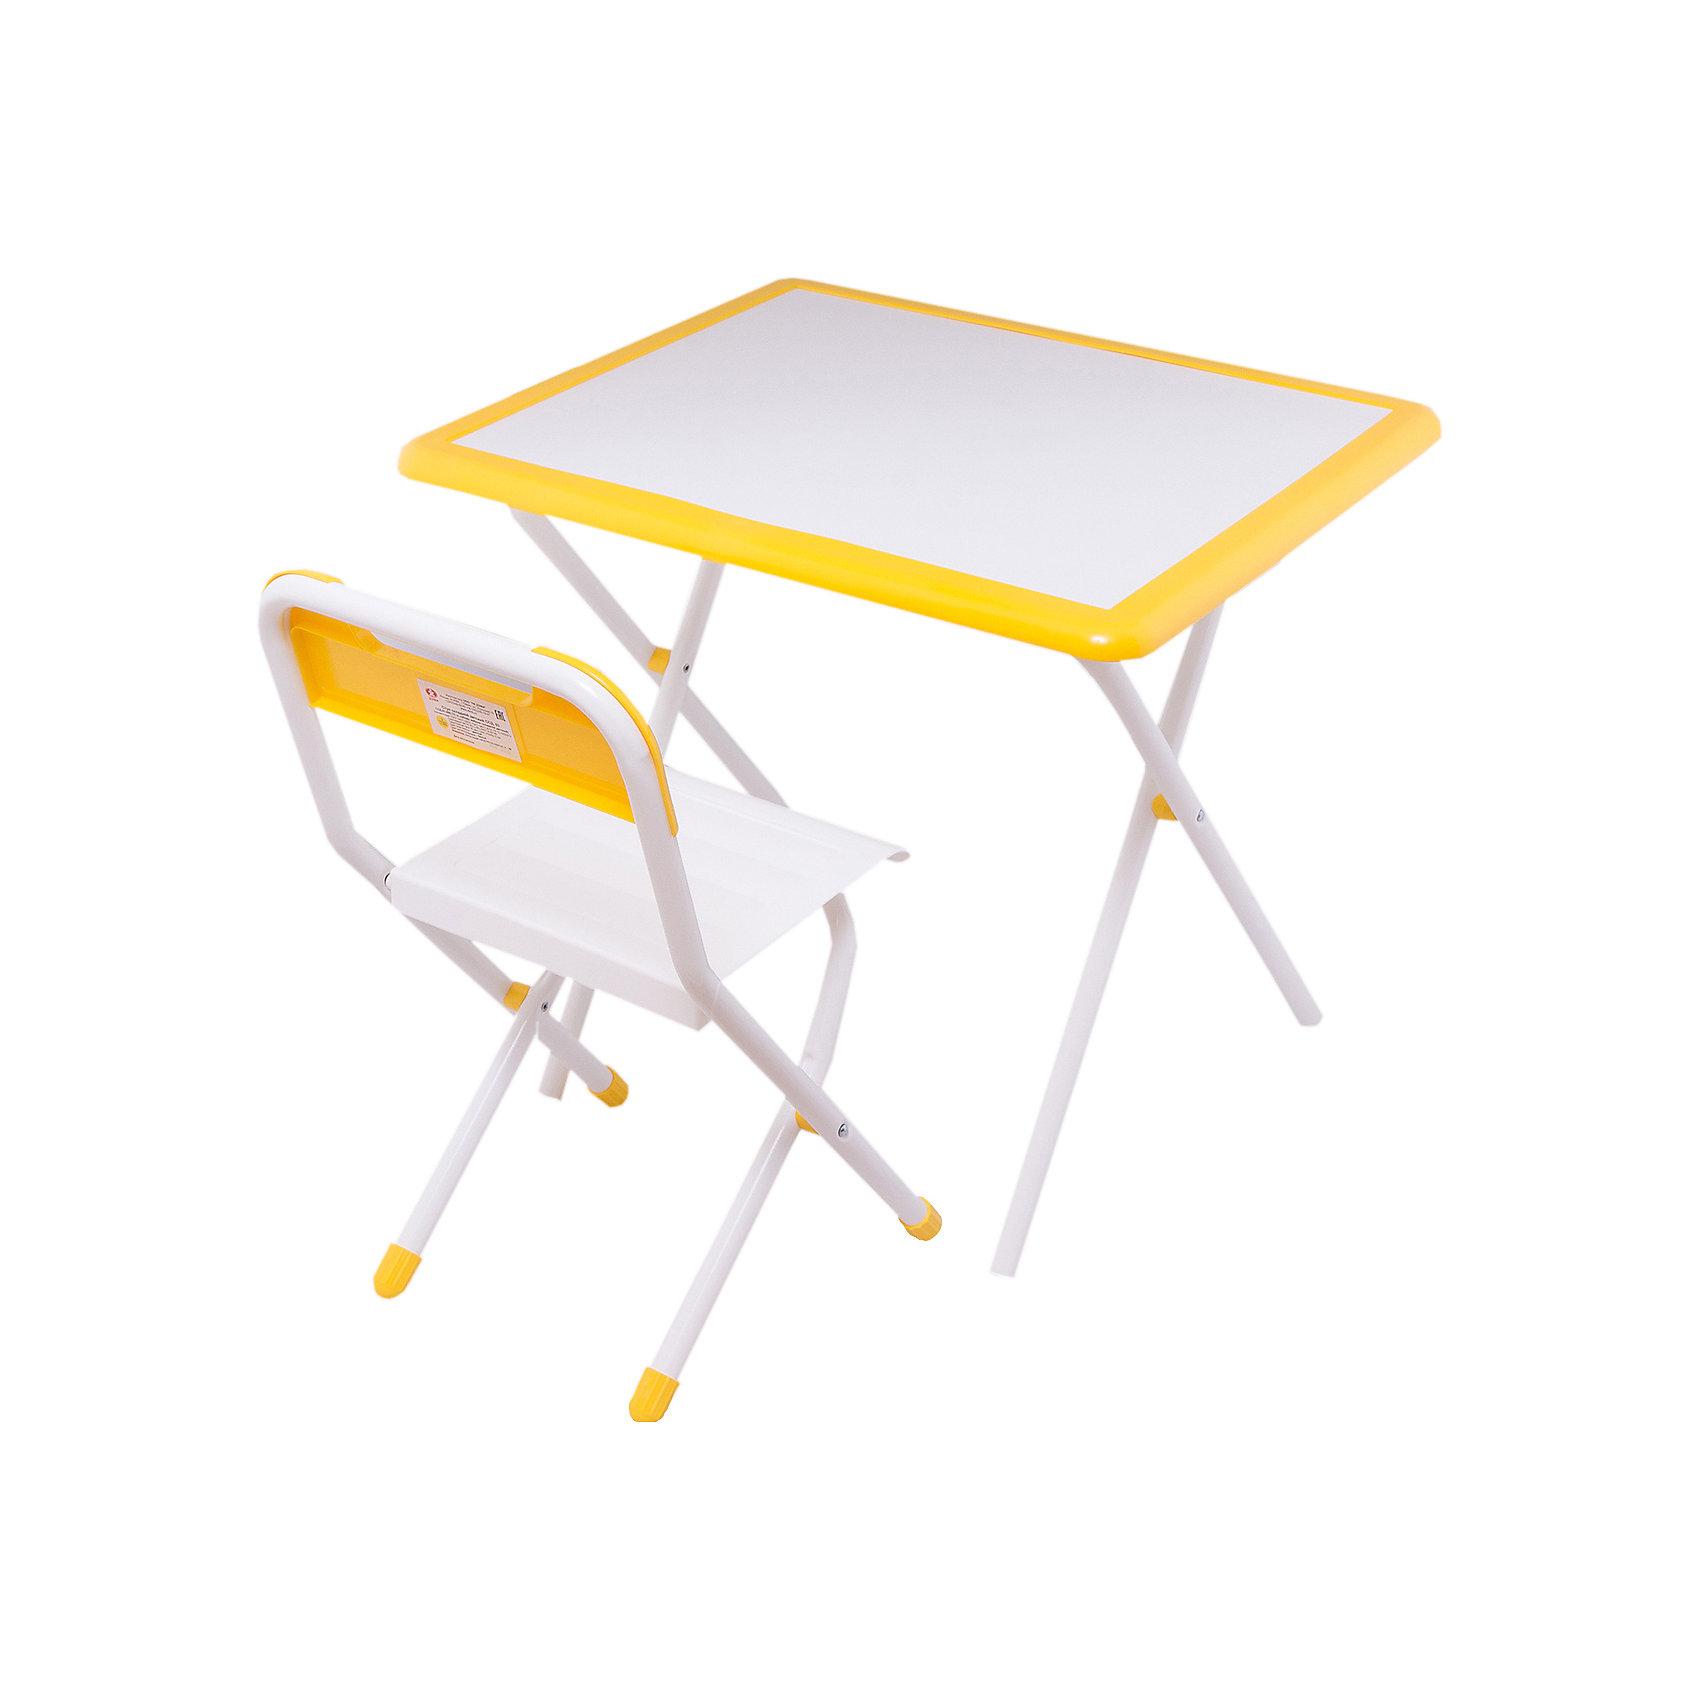 Набор детской складной мебели, Дэми, бело-желтыйМебель<br>Каждый ребенок нуждается в удобной, специальной мебели, чтобы его организм мог развиваться правильно. Этот набор детской складной мебели - универсальный комплект необходимых предметов для малыша. Он состоит из стула и стола, выполненных в приятных тонах. <br>Столешница позволяет разместить на ней все необходимые предметы: можно есть, играть или учиться! Набор разработан в соответствии с рекомендациями врачей-ортопедов. Сделан из безопасных для ребенка материалов. Стол и стульчик очень легко моется - ребенок сам сможет поддерживать его в чистоте. Мебель складная, ее очень удобно хранить.<br><br><br>Дополнительная информация:<br>цвет: белый/желтый;<br>просторная столешница;<br>оригинальный дизайн;<br>легко моется;<br>соответствует рекомендациям ортопедов;<br>боковой пенал для канцелярии;<br>для детей ростом от 115 до 130 см;<br>соответствует стандартам качества.<br><br>Набор детской складной мебели бело-желтый можно купить в нашем магазине.<br><br>Ширина мм: 77<br>Глубина мм: 73<br>Высота мм: 15<br>Вес г: 8500<br>Цвет: белый/желтый<br>Возраст от месяцев: 48<br>Возраст до месяцев: 96<br>Пол: Унисекс<br>Возраст: Детский<br>SKU: 4693960